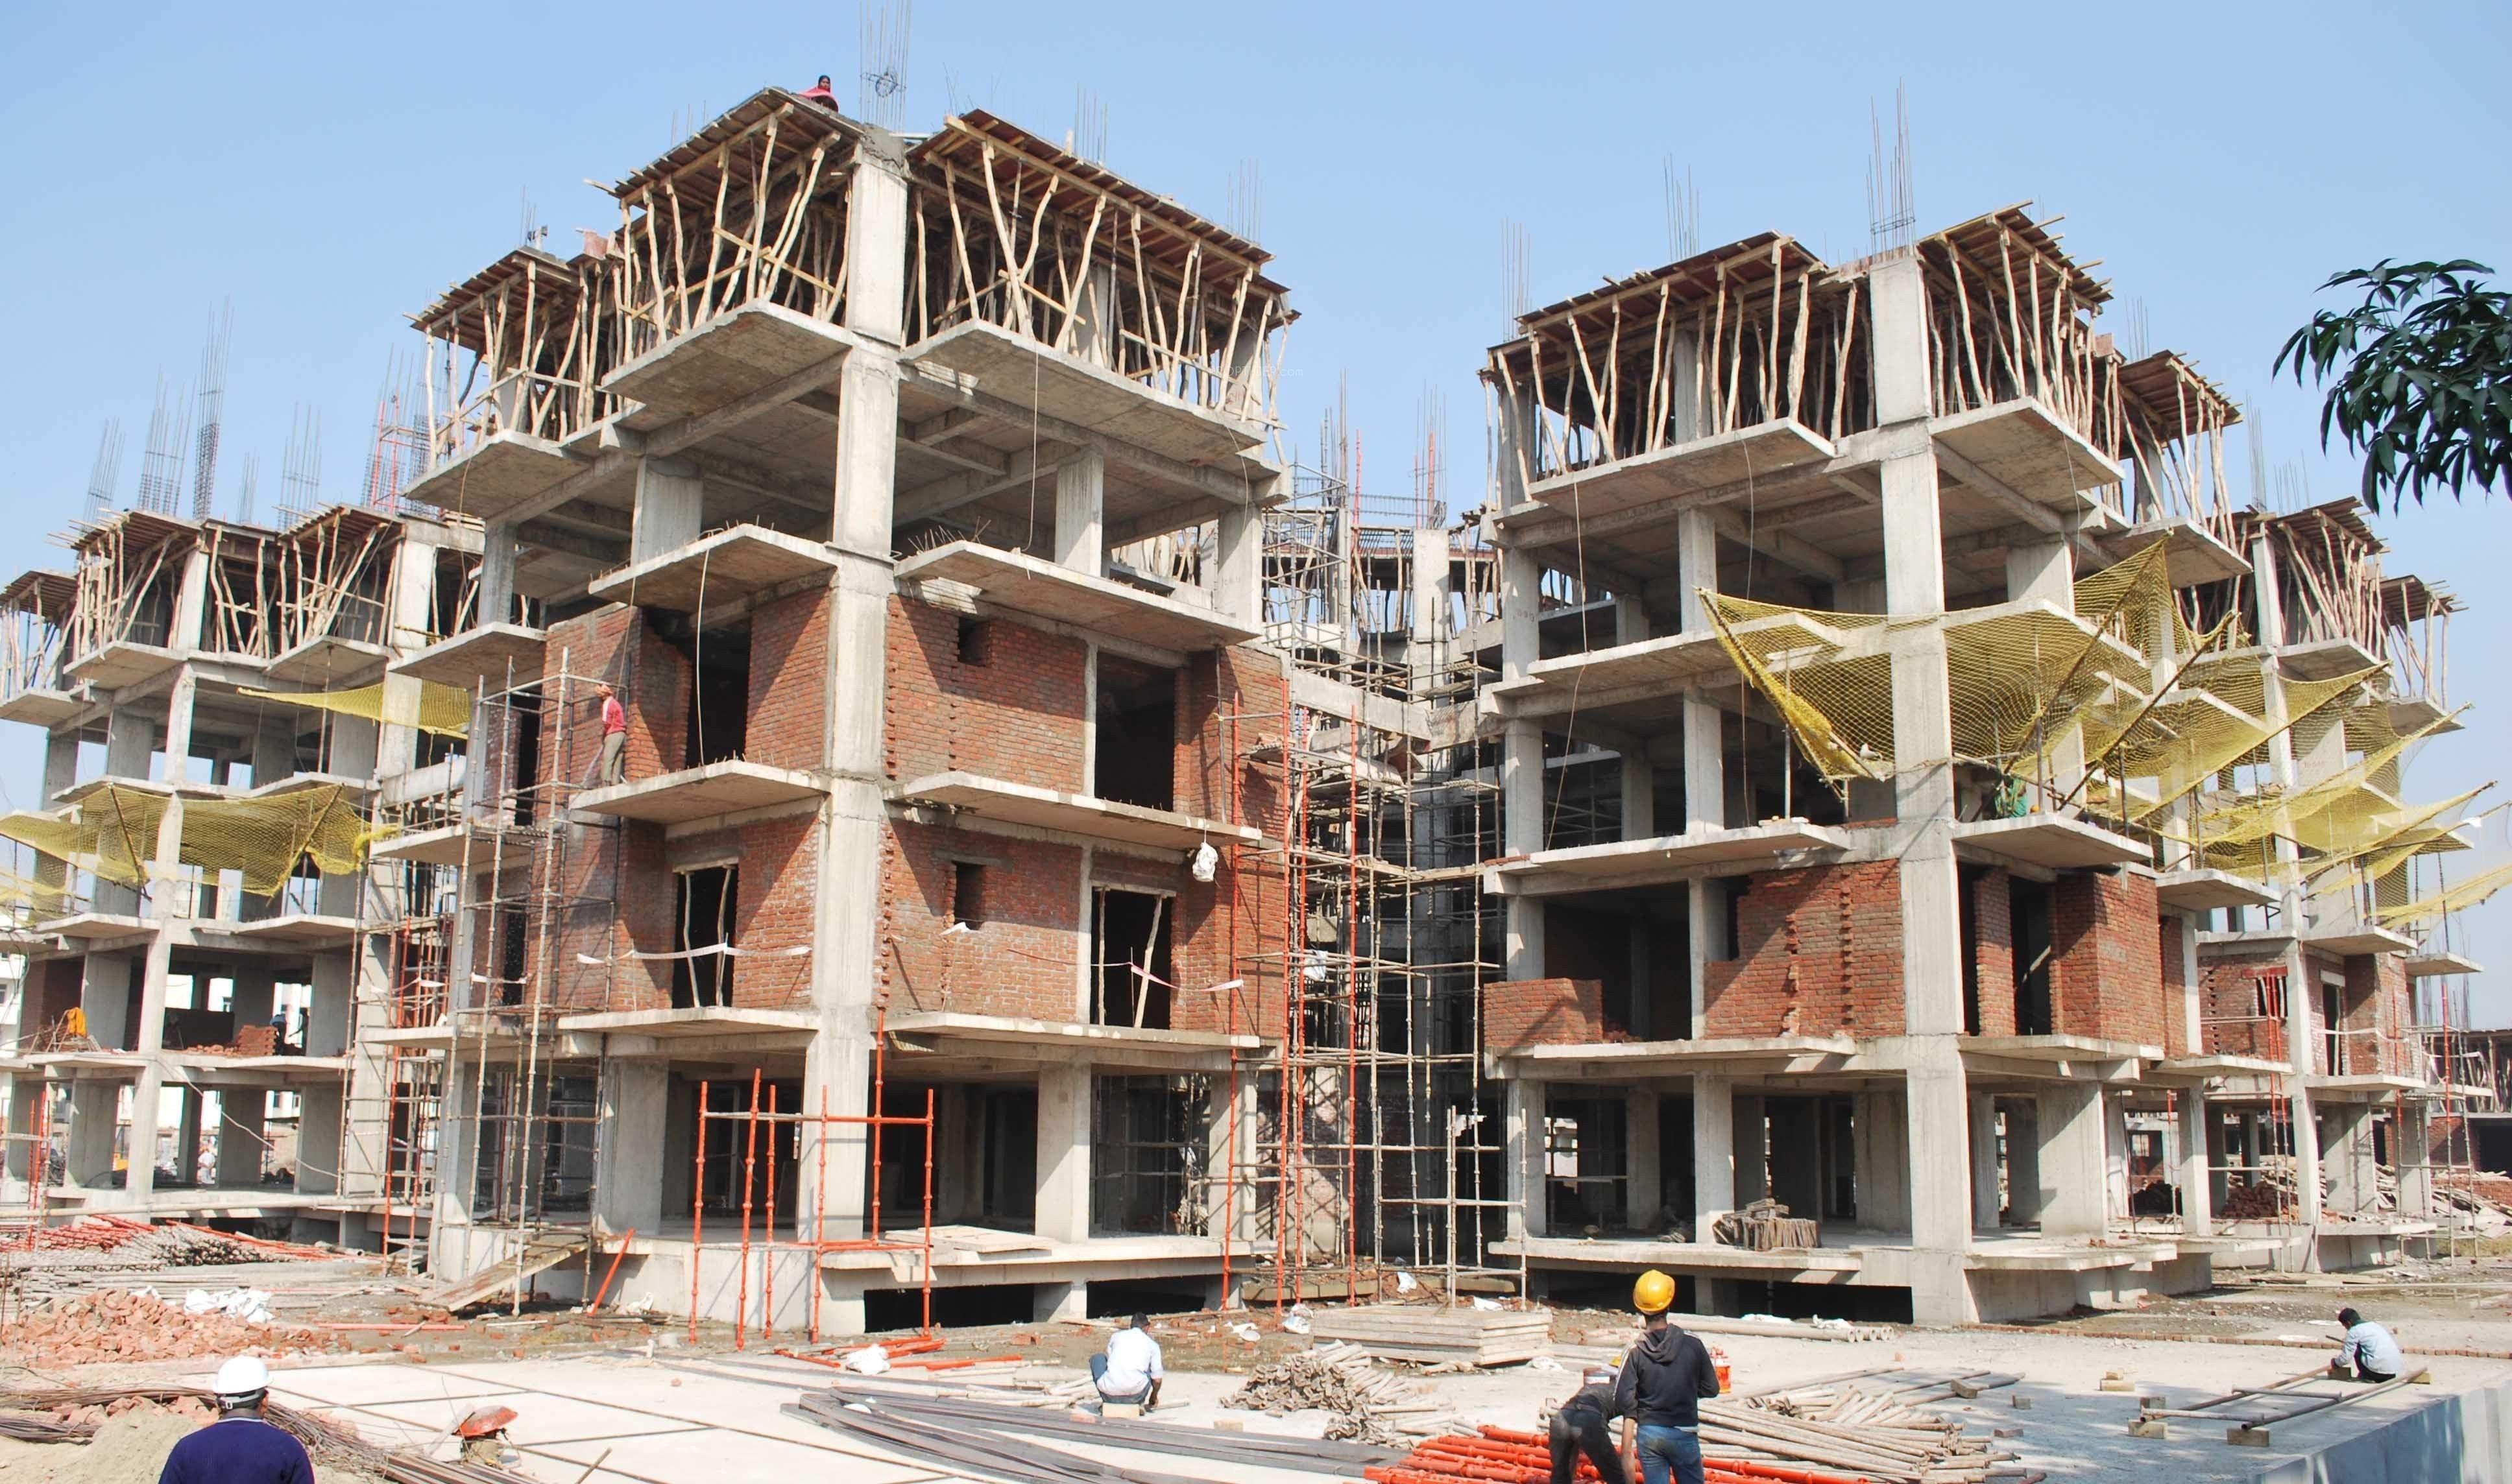 Nógrádban lehet legolcsóbban lakást építeni